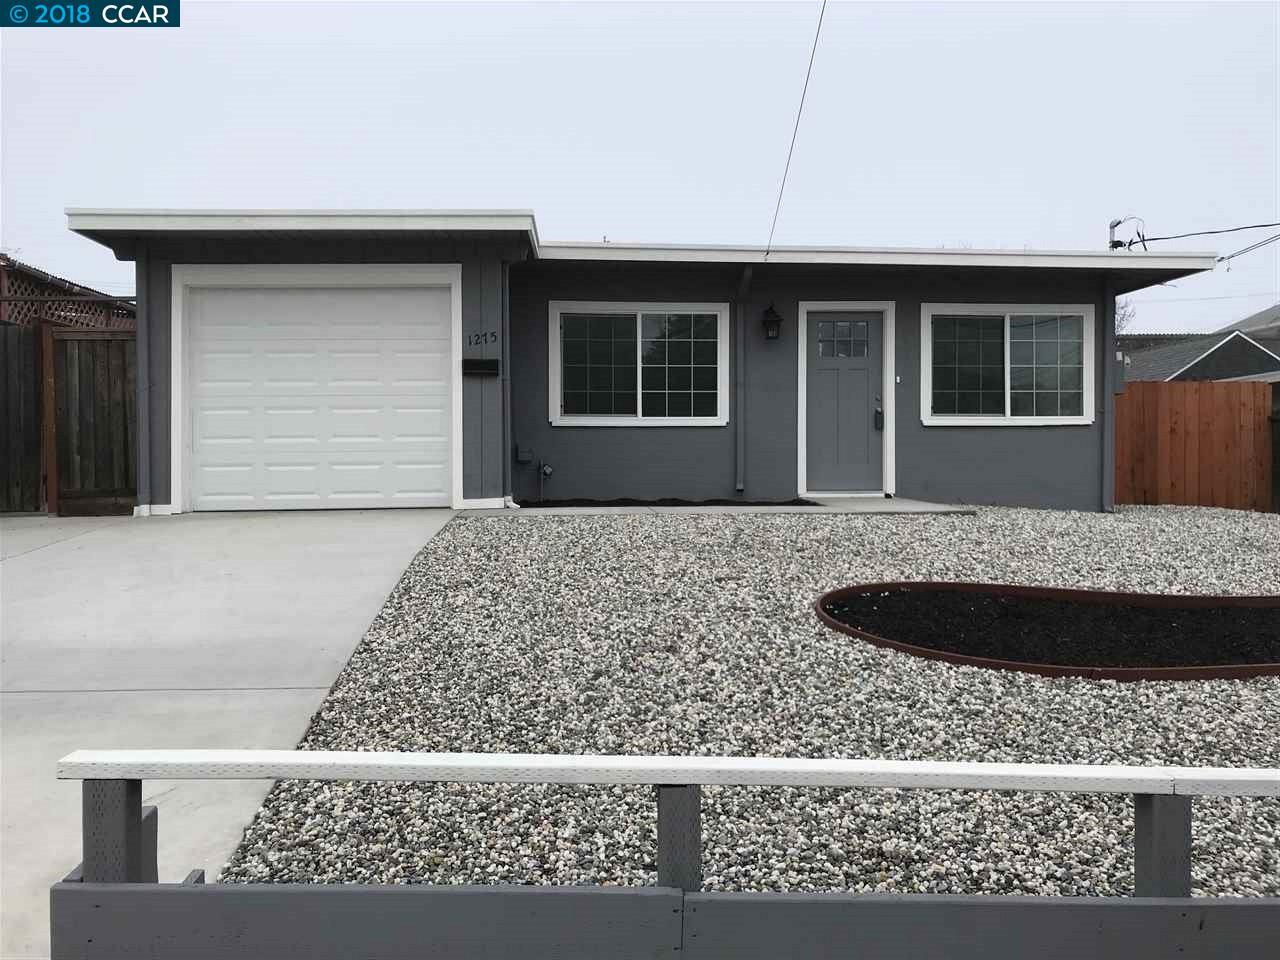 一戸建て のために 売買 アット 1275 Frances 1275 Frances San Pablo, カリフォルニア 94806 アメリカ合衆国